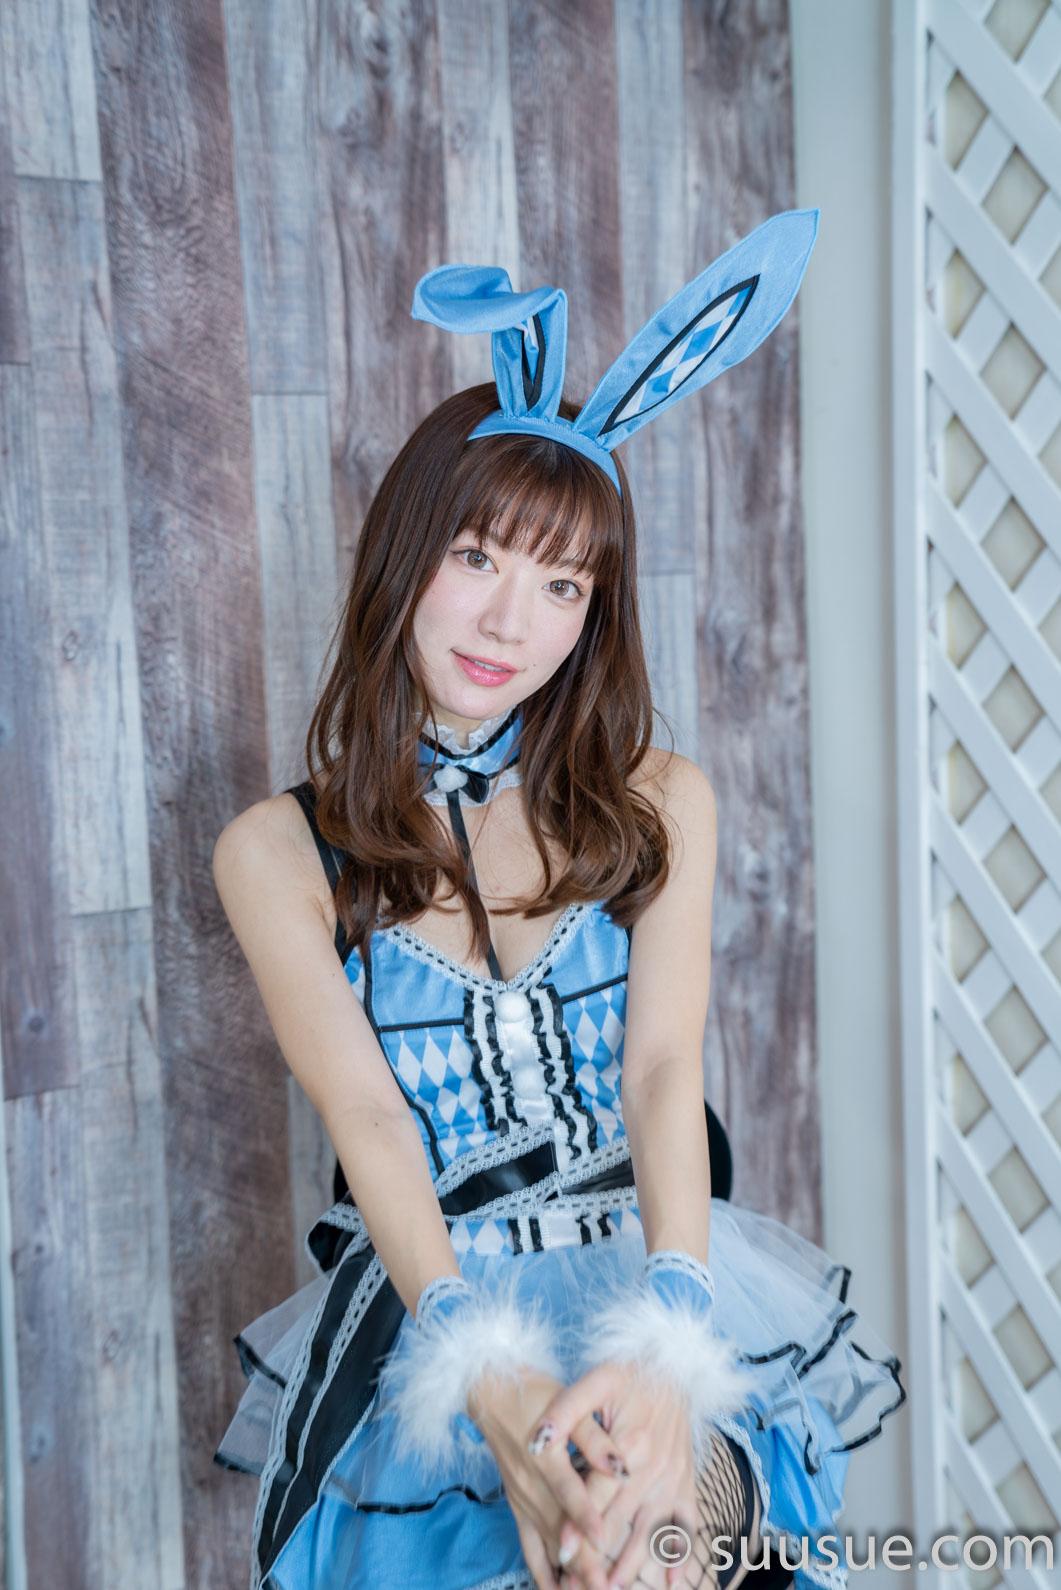 2018/10/28 NewType撮影会 小嶋みやび バニーガール